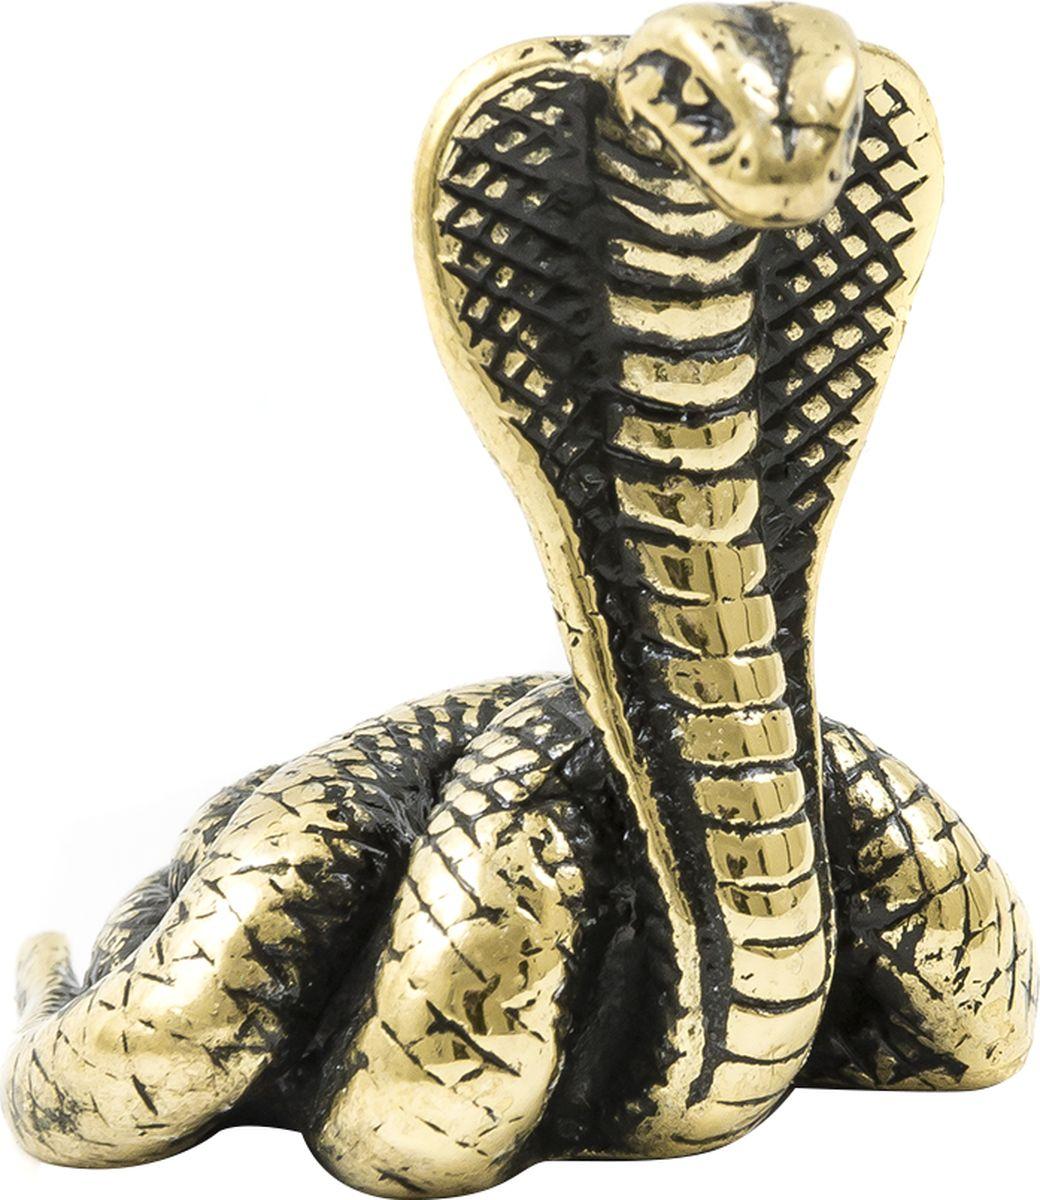 АмберКинг Фигурка Змея ZOO-26